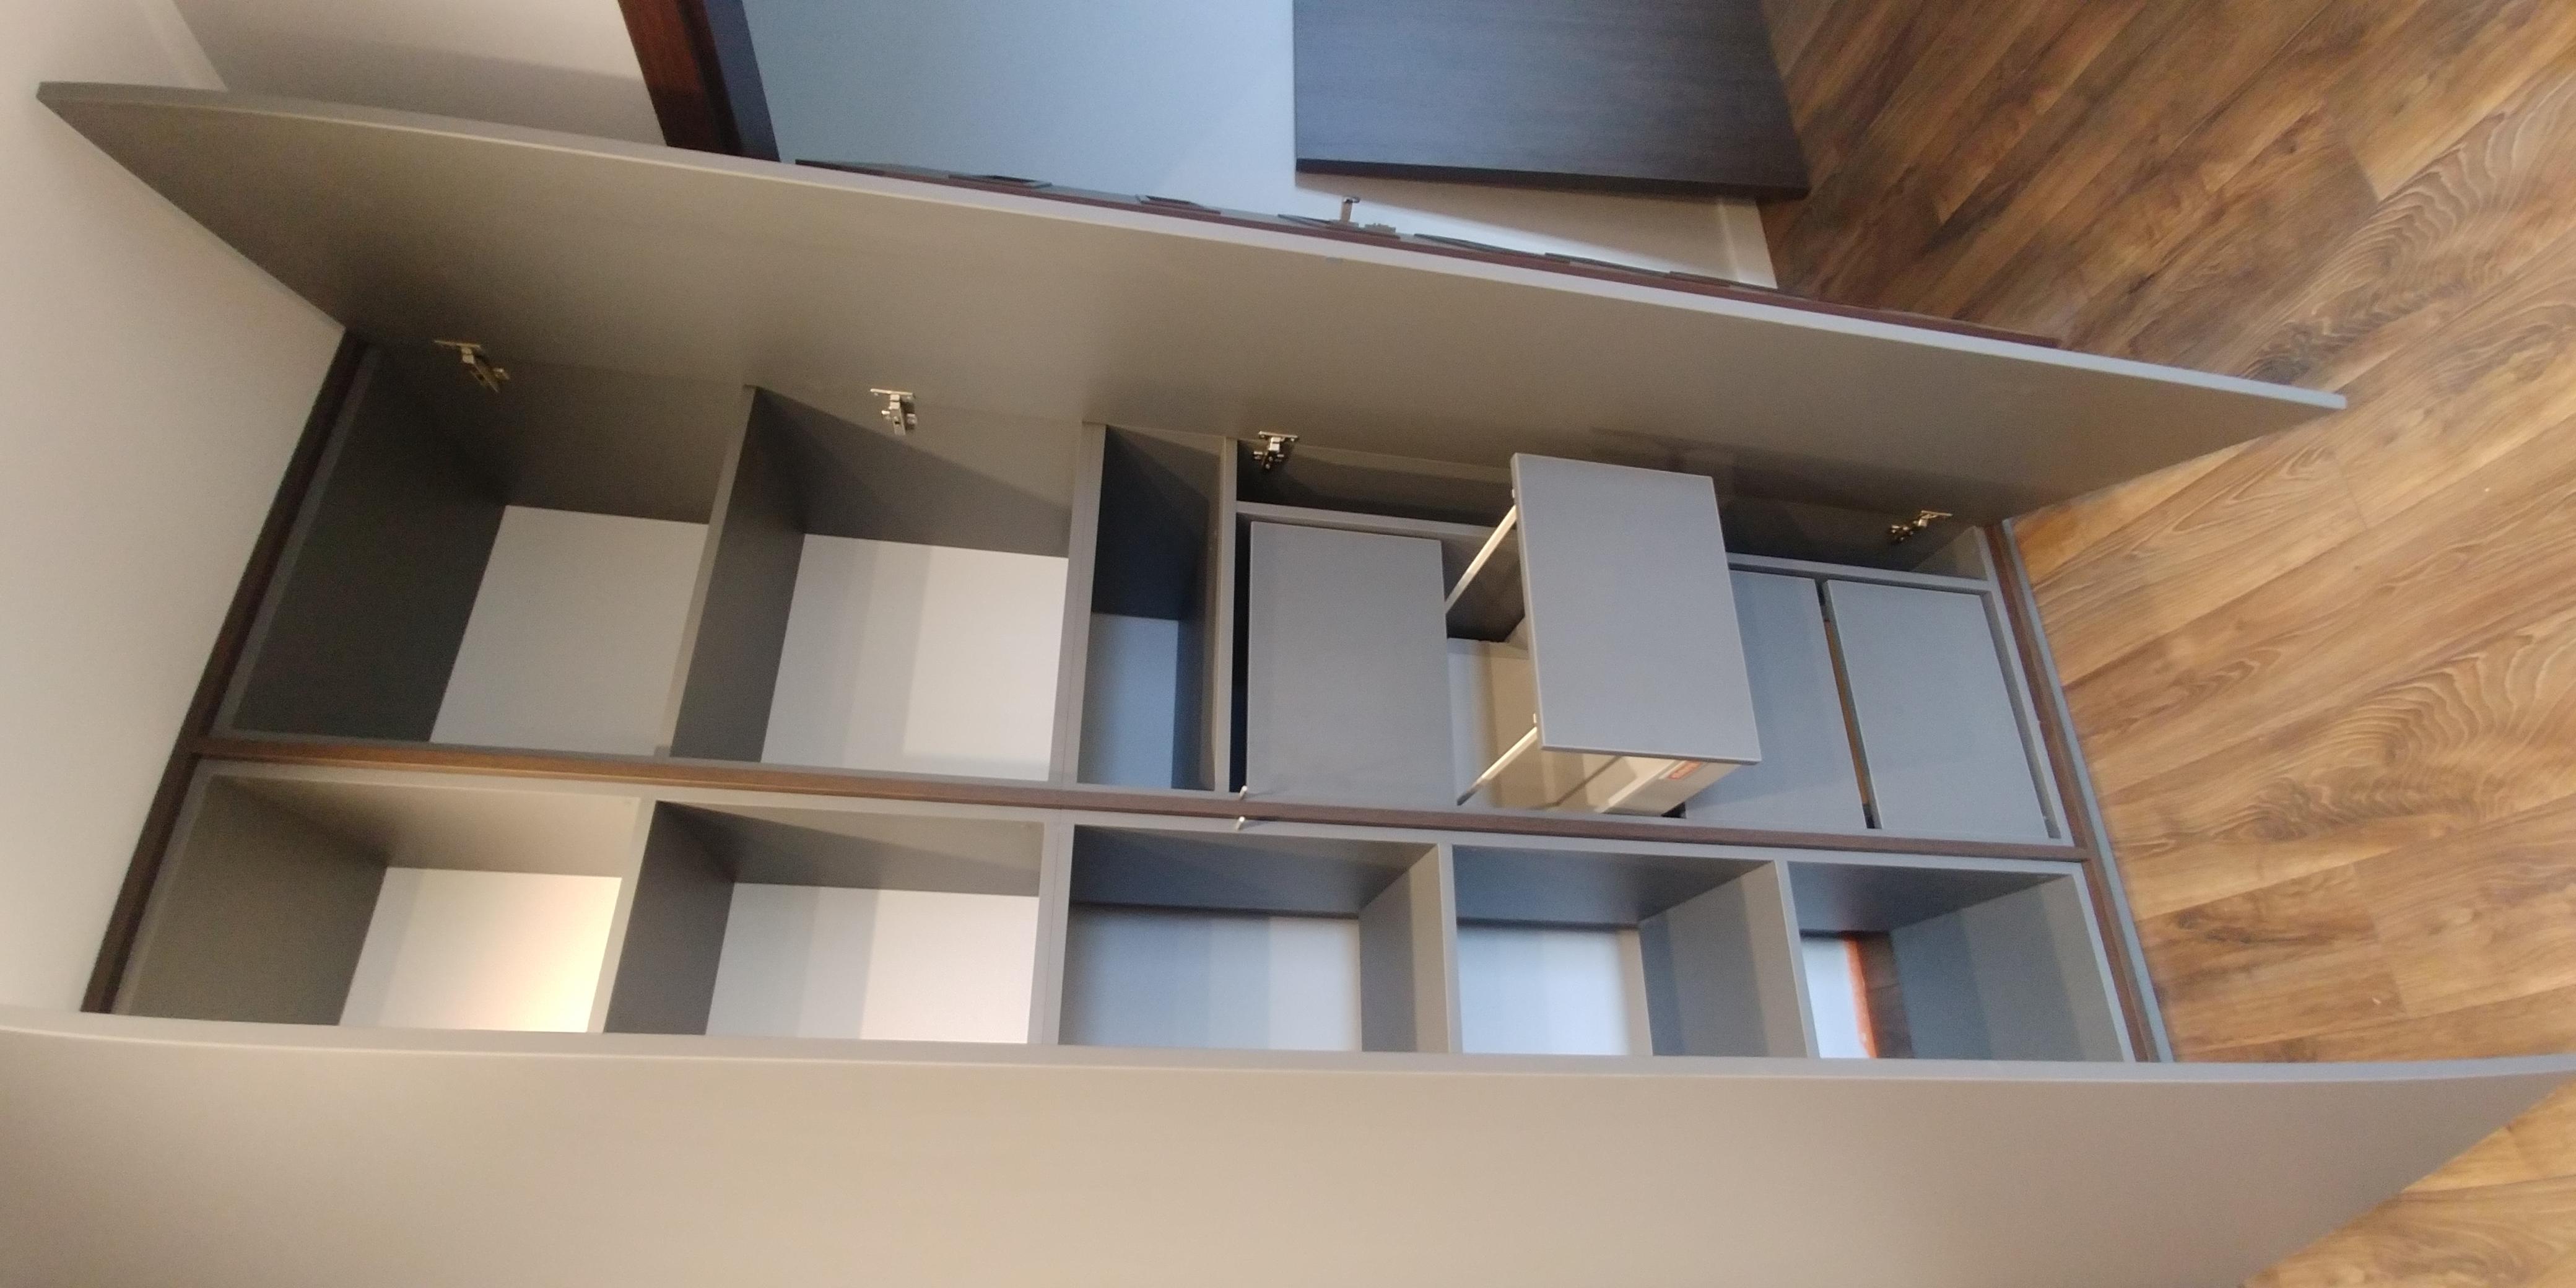 Środek szafy tradycyjnie otwieranej